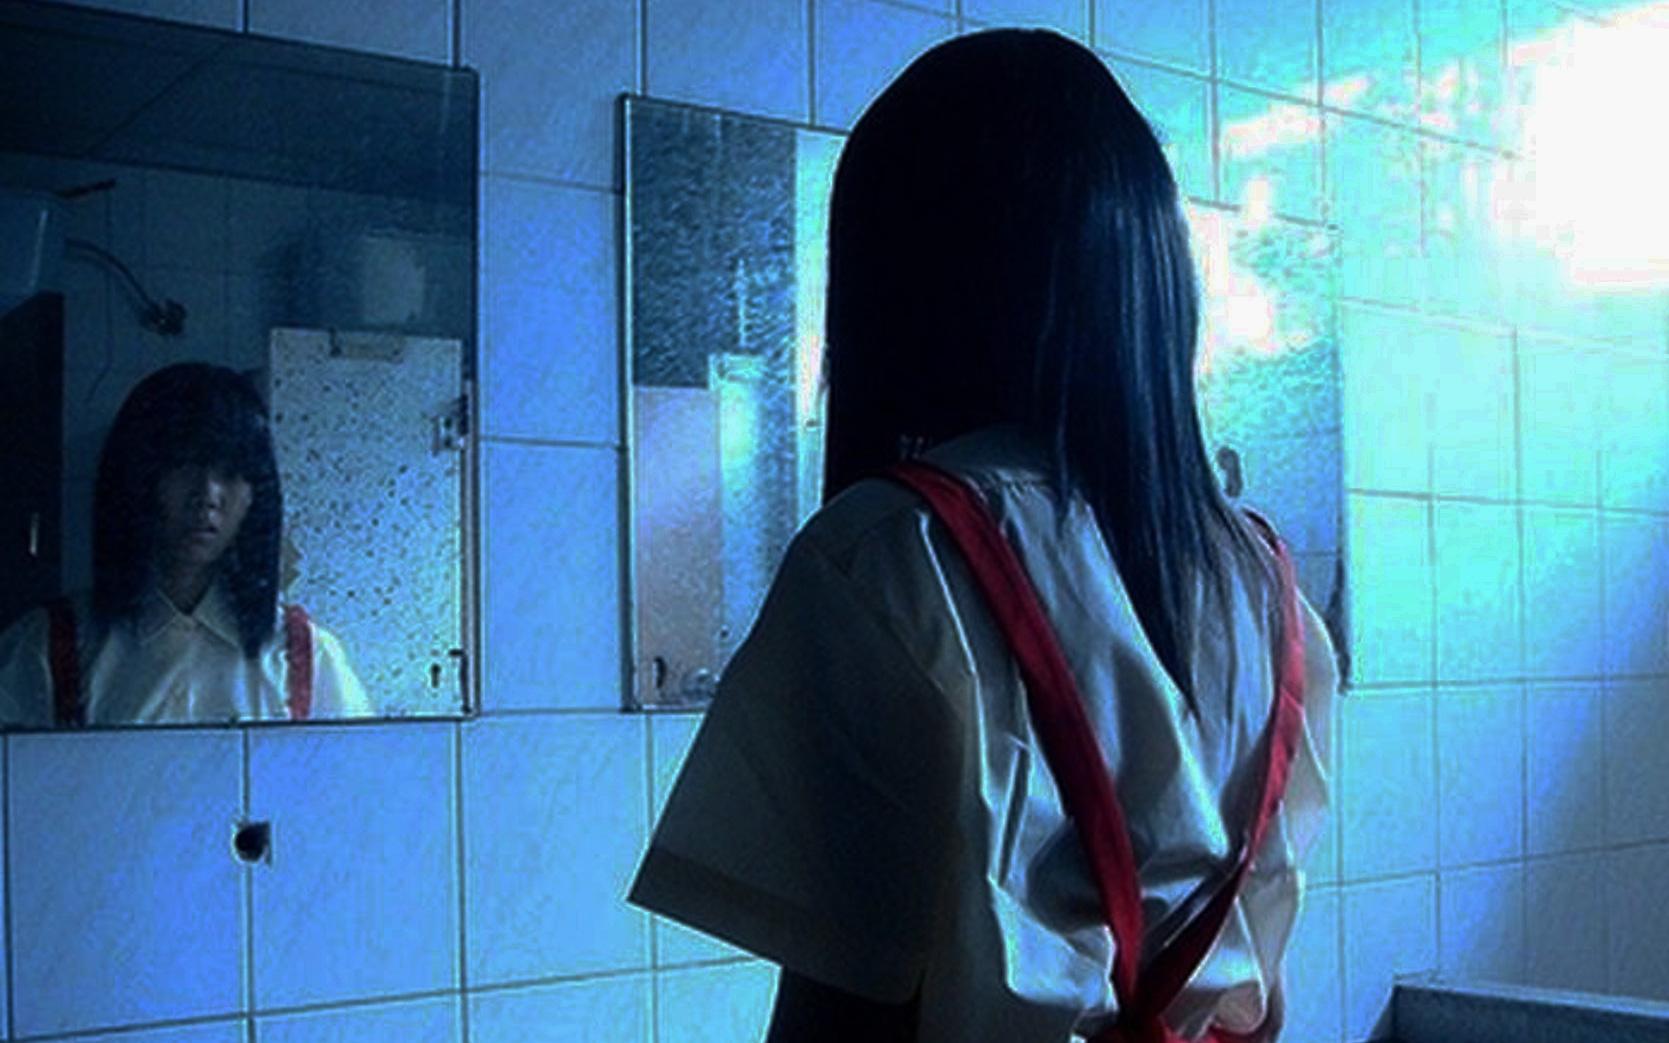 5 câu chuyện học đường ghê rợn tại Nhật Bản: Phím đàn máu, cô gái trong toilet và những cây anh đào lớn lên từ xác chết